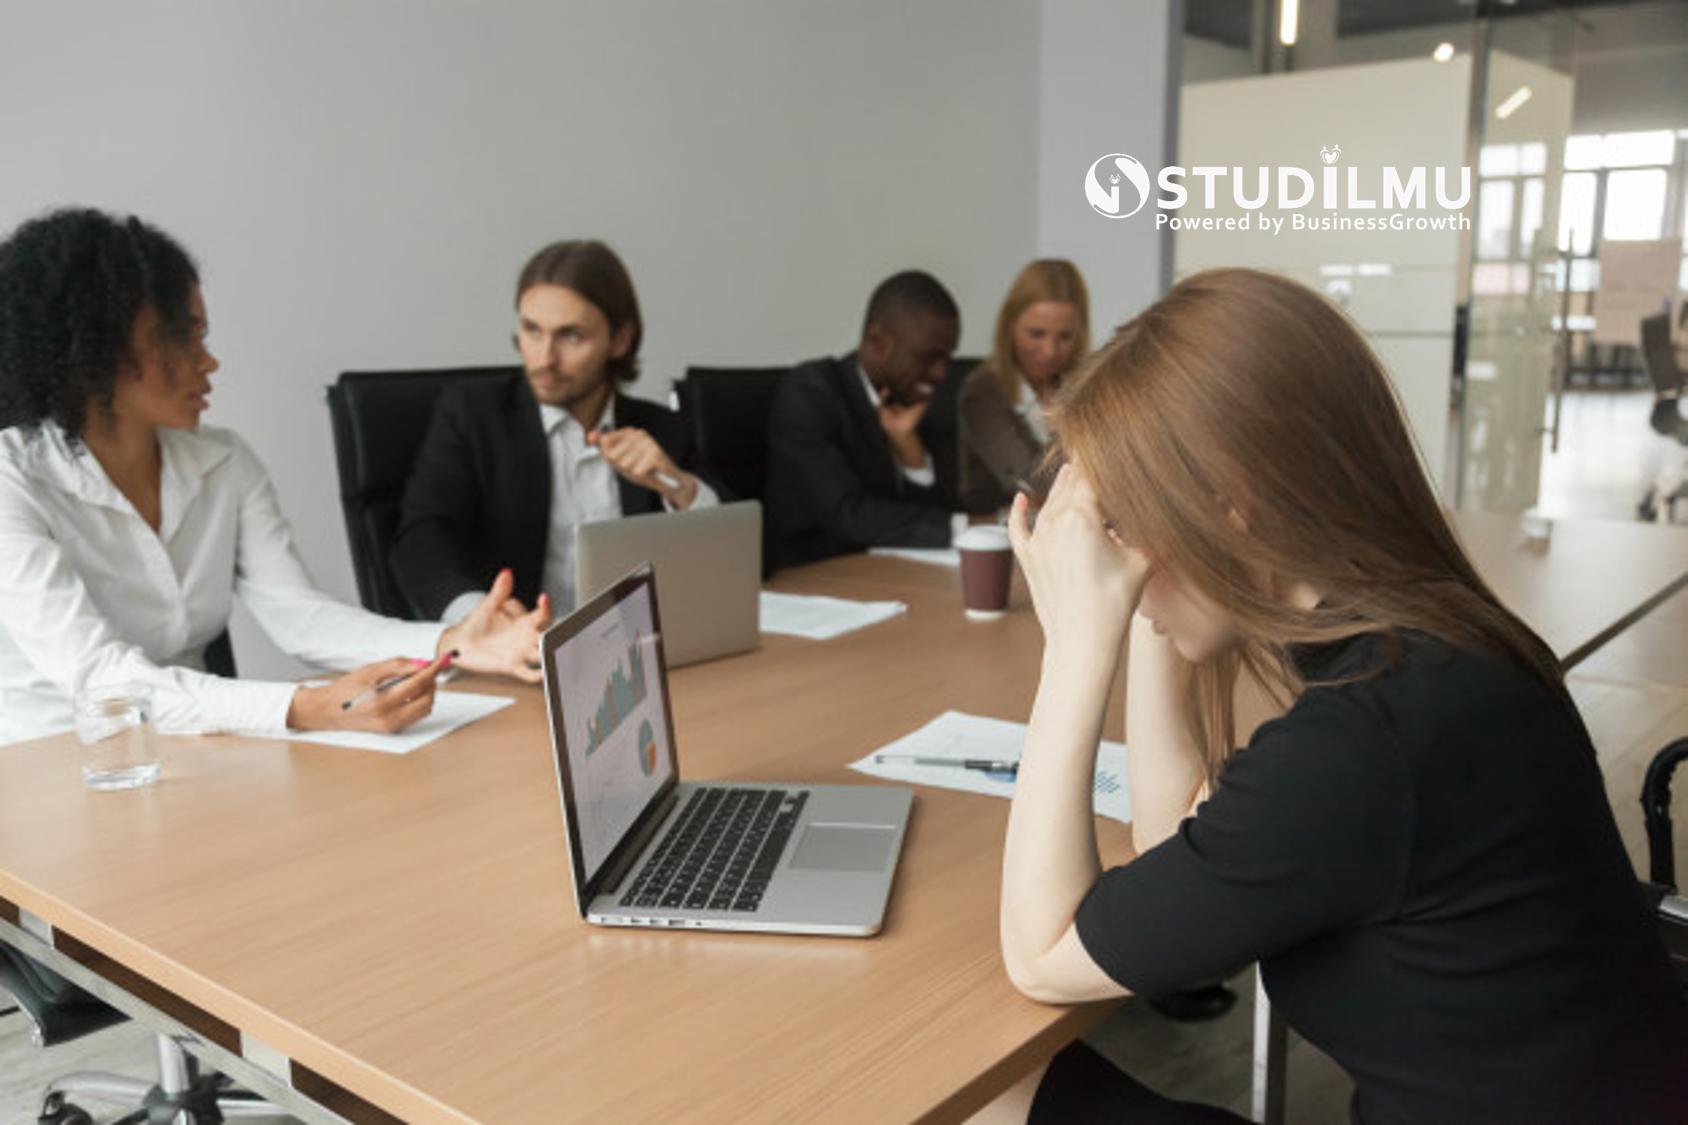 STUDILMU Career Advice - Bagaimana Cara Menghindari Pola Pikir Negatif?